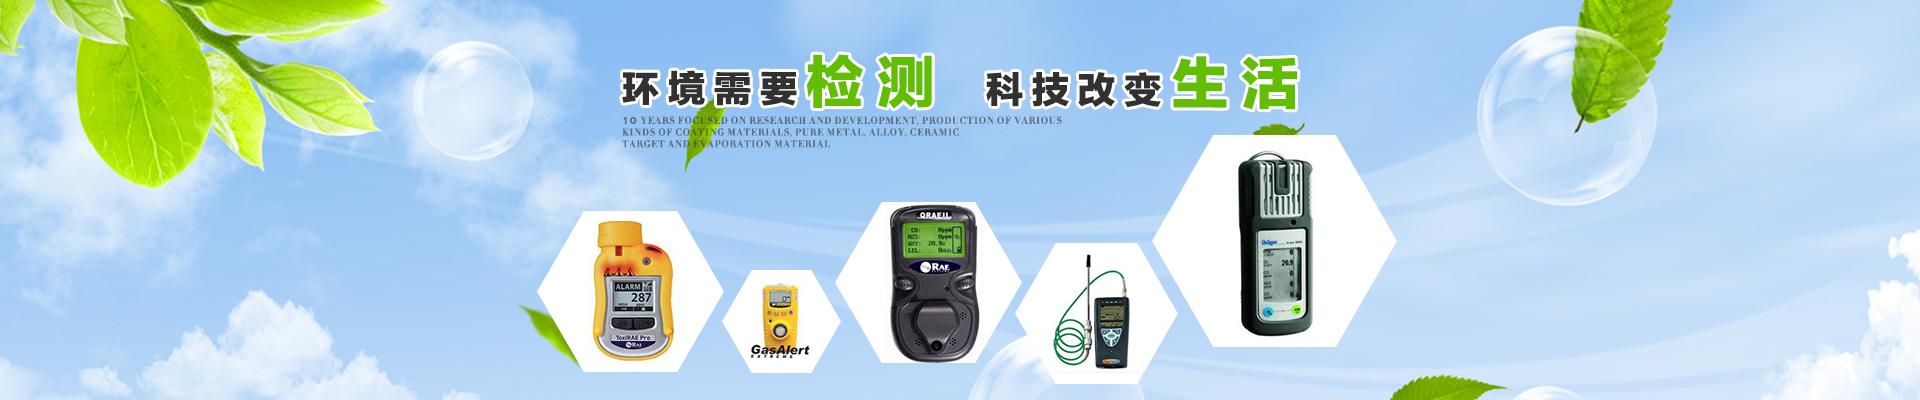 甲醛检测仪价格